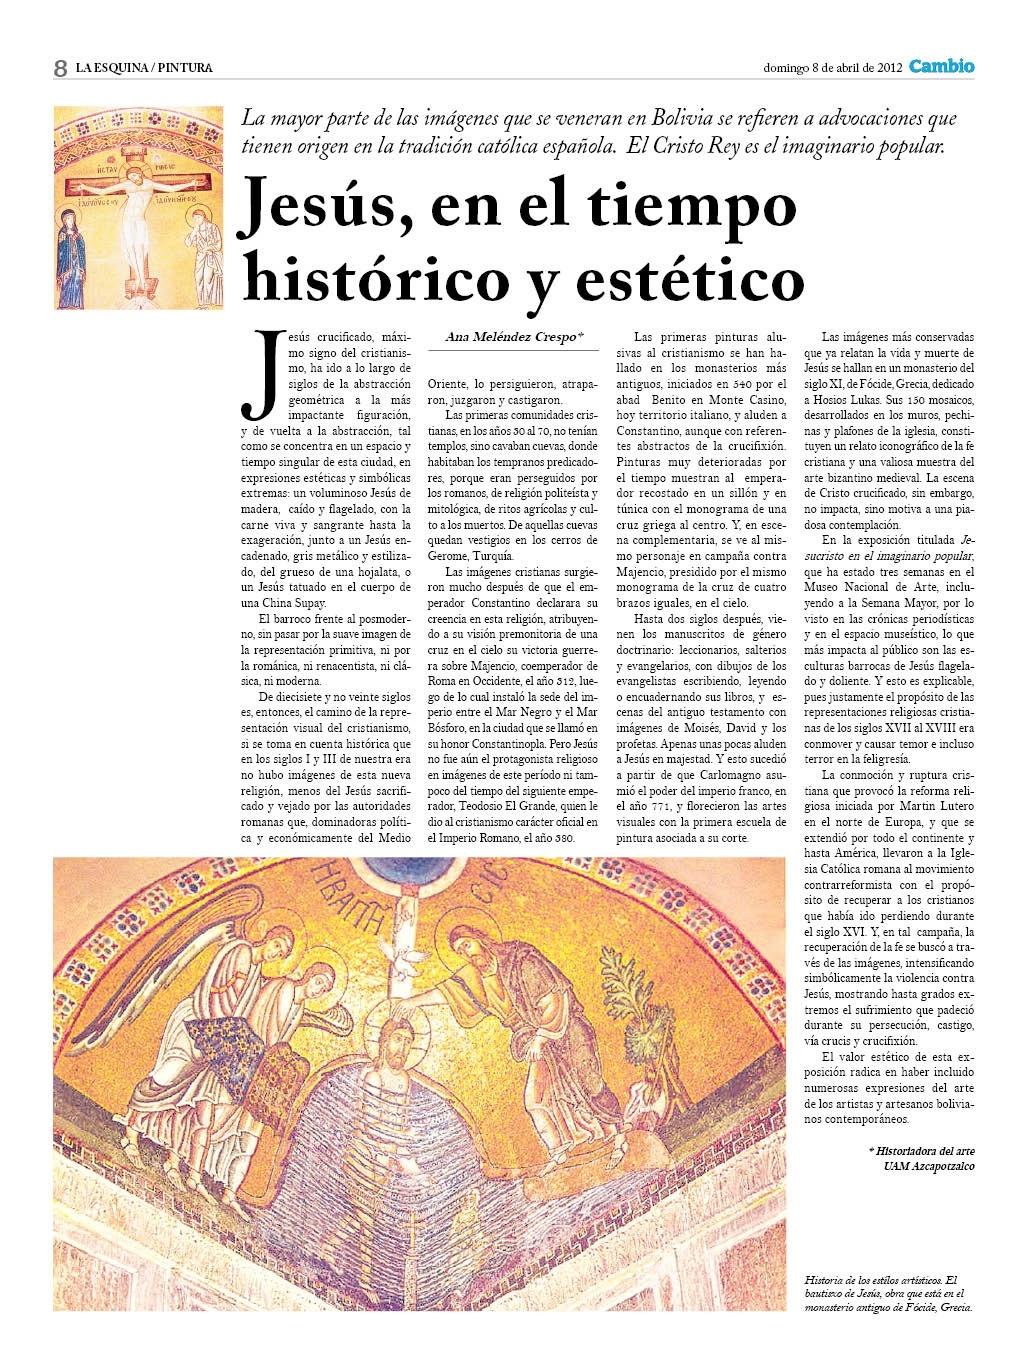 Jesús en el tiempo histórico y estético